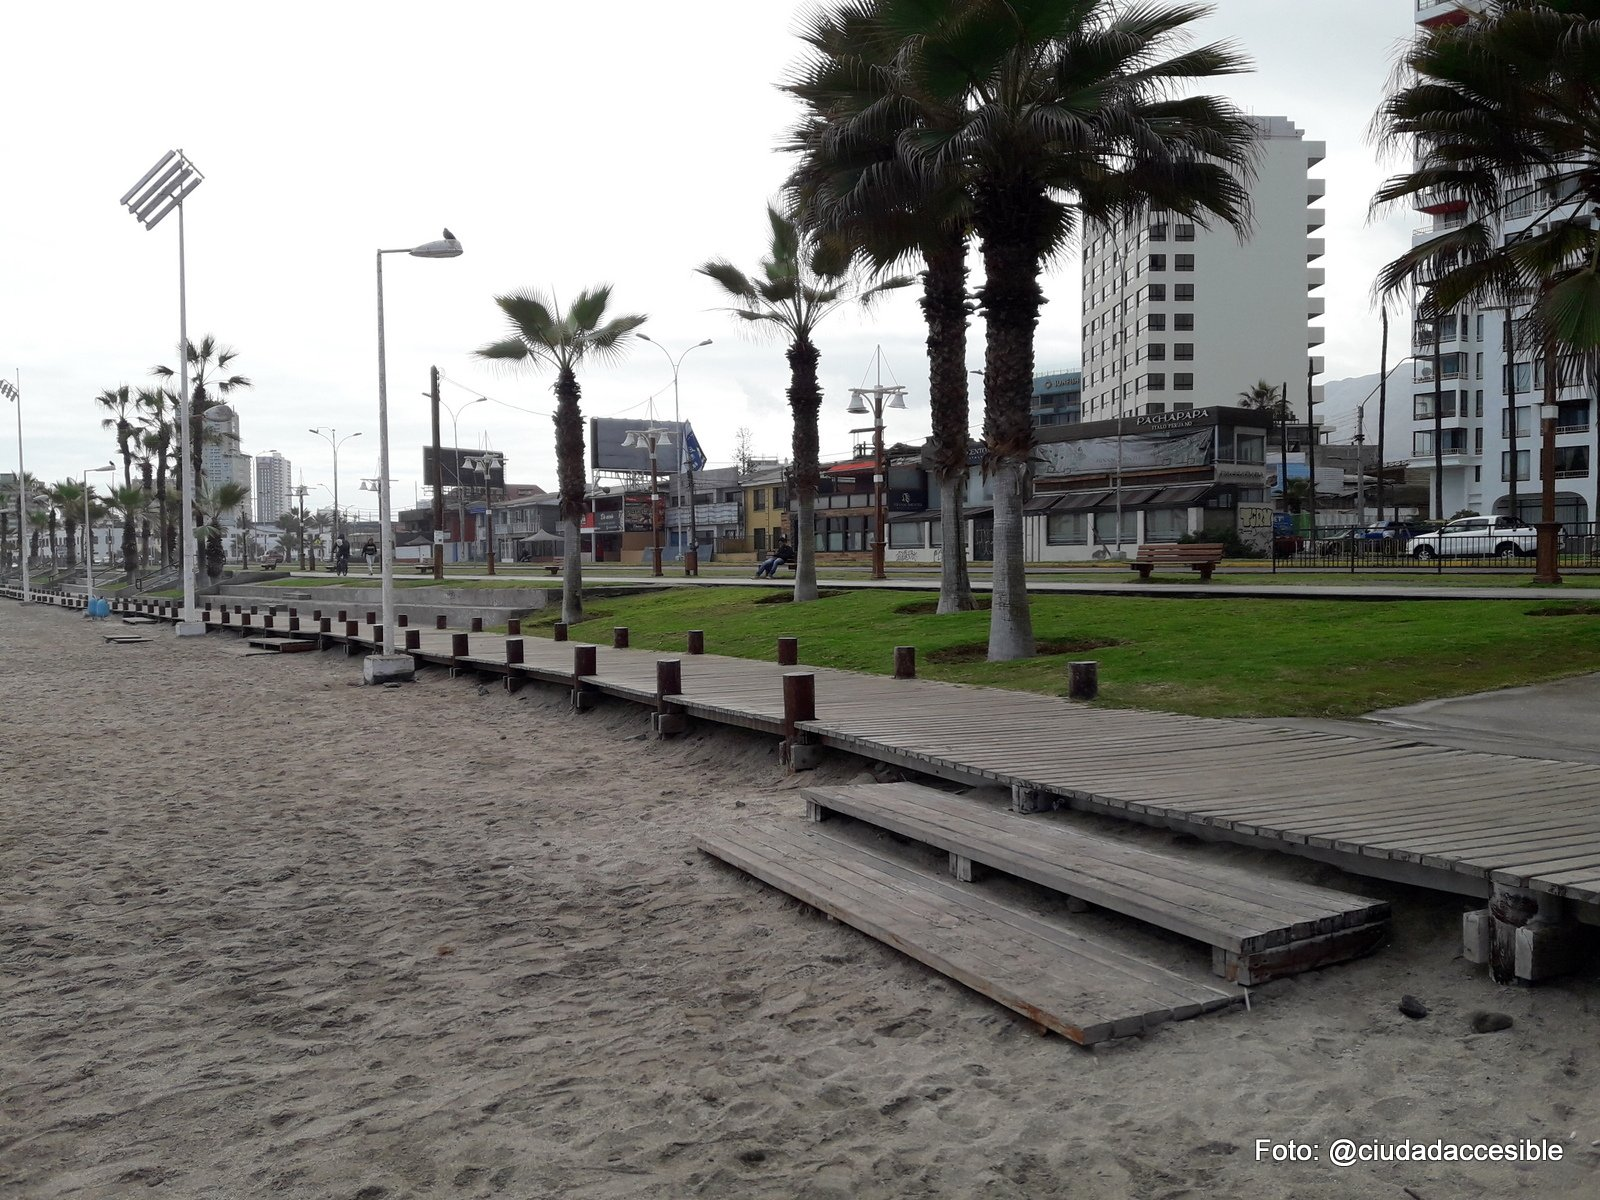 acceso a la playa desde el deck de madera con peldaños para bajar a la playa